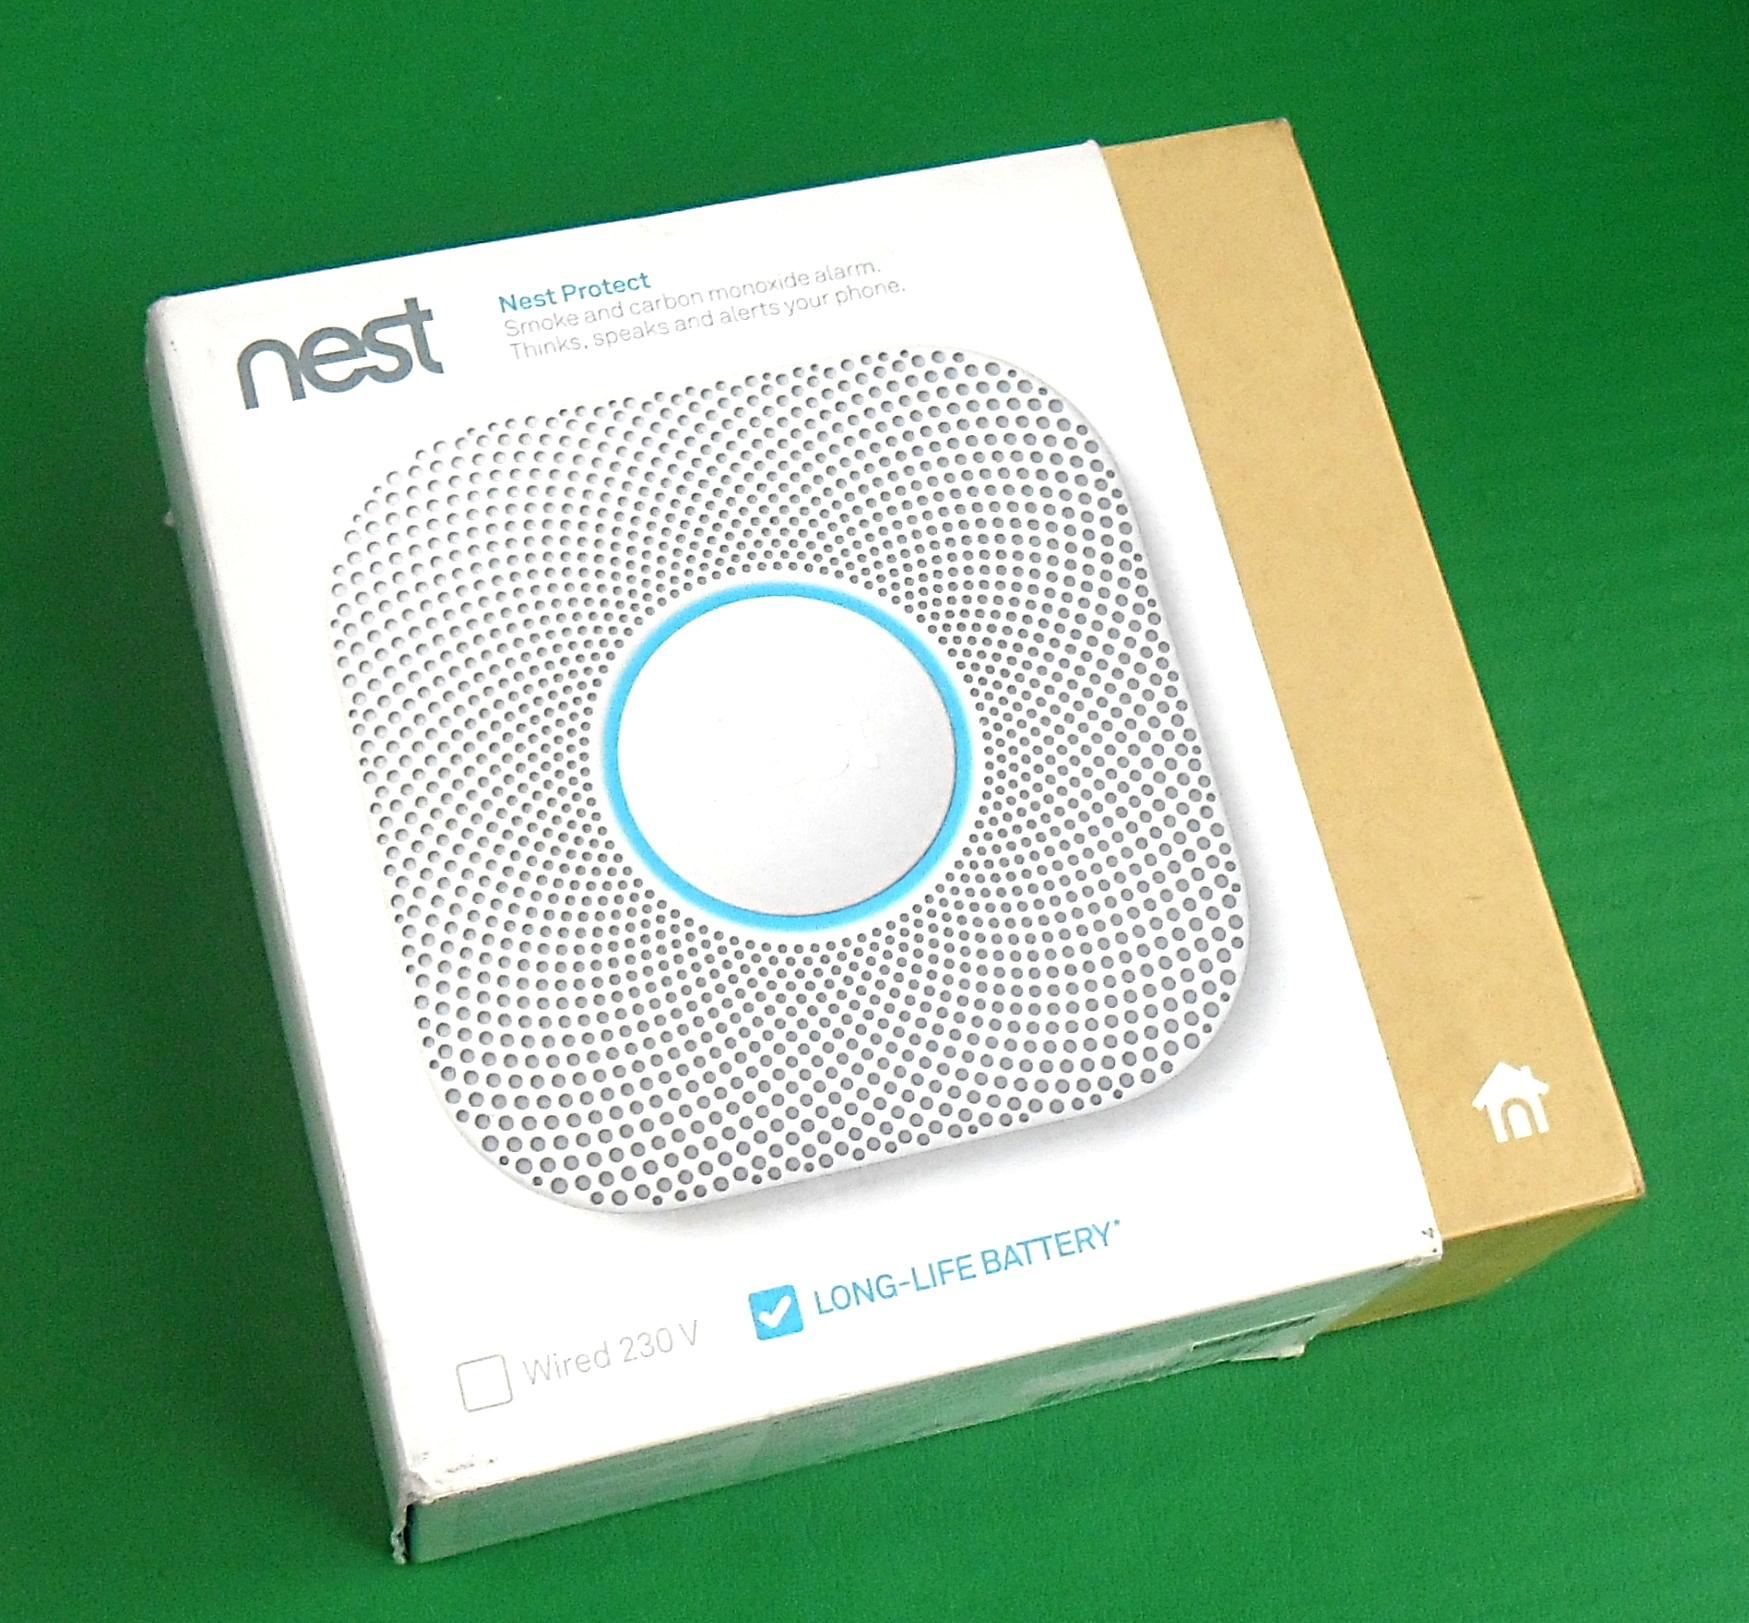 nest protect s3000bwgb 2nd gen smoke carbon monoxide. Black Bedroom Furniture Sets. Home Design Ideas